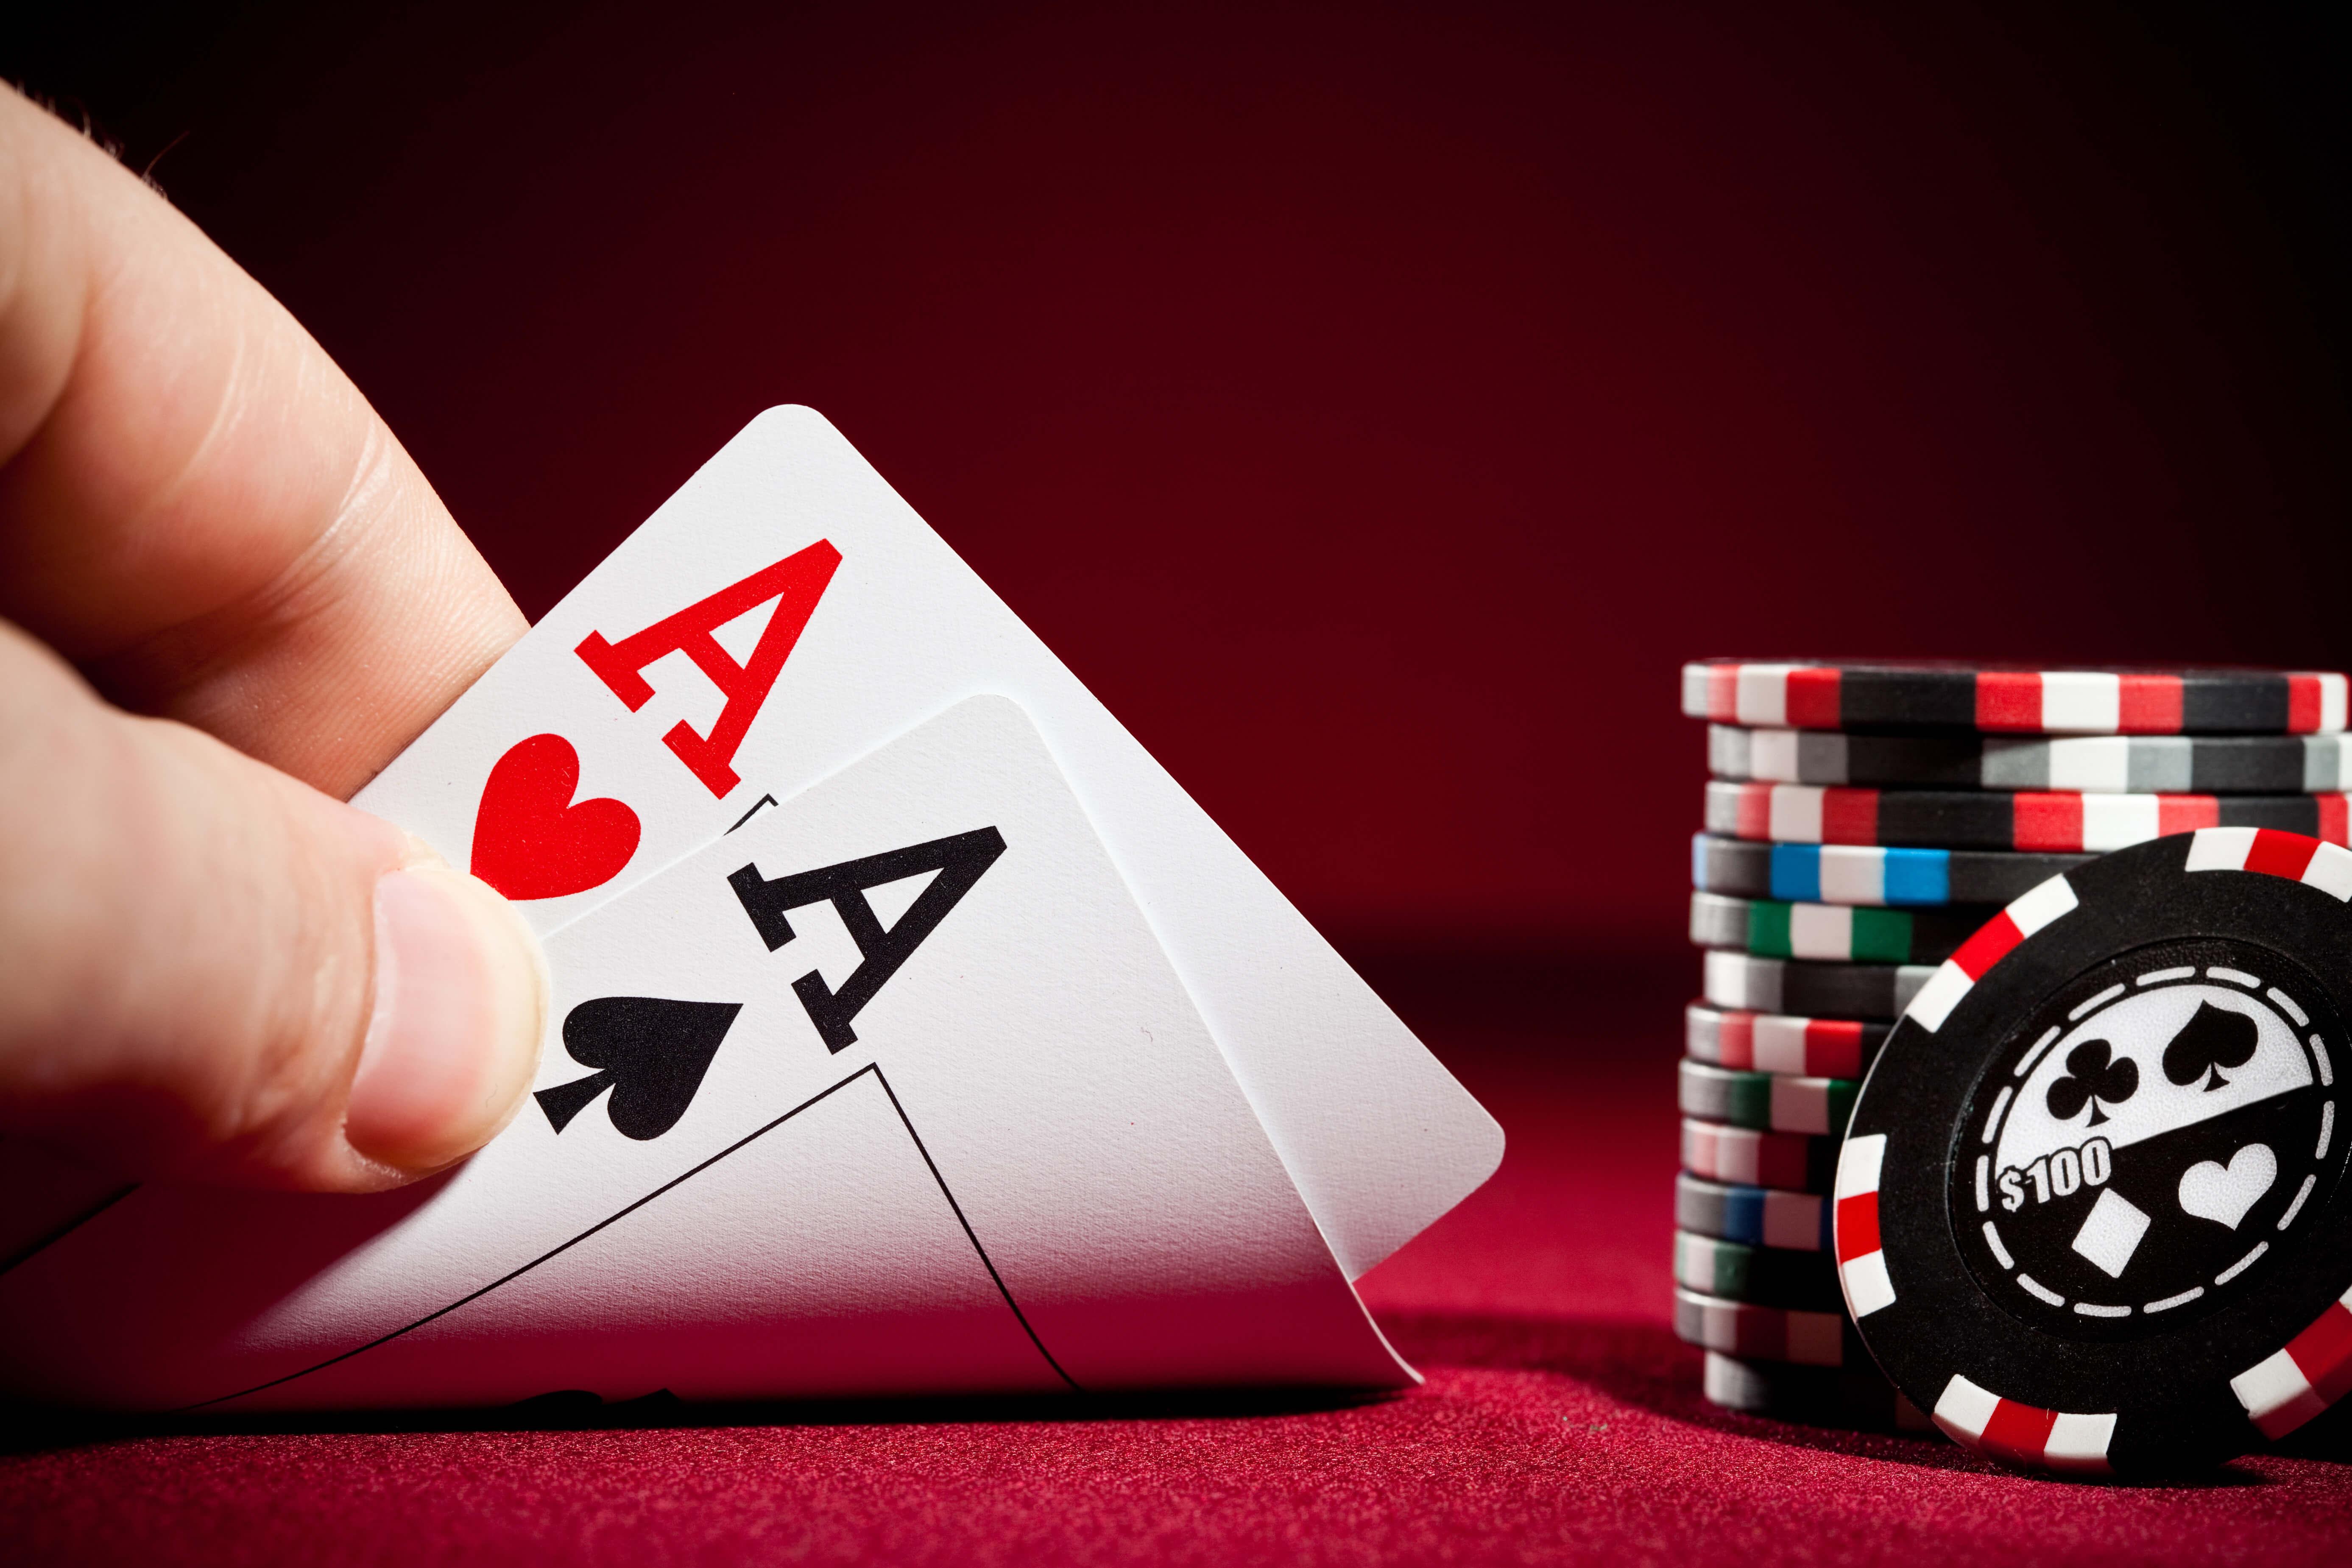 Бесплатно играть казино три туза партнерские программы для заработка онлайн казино